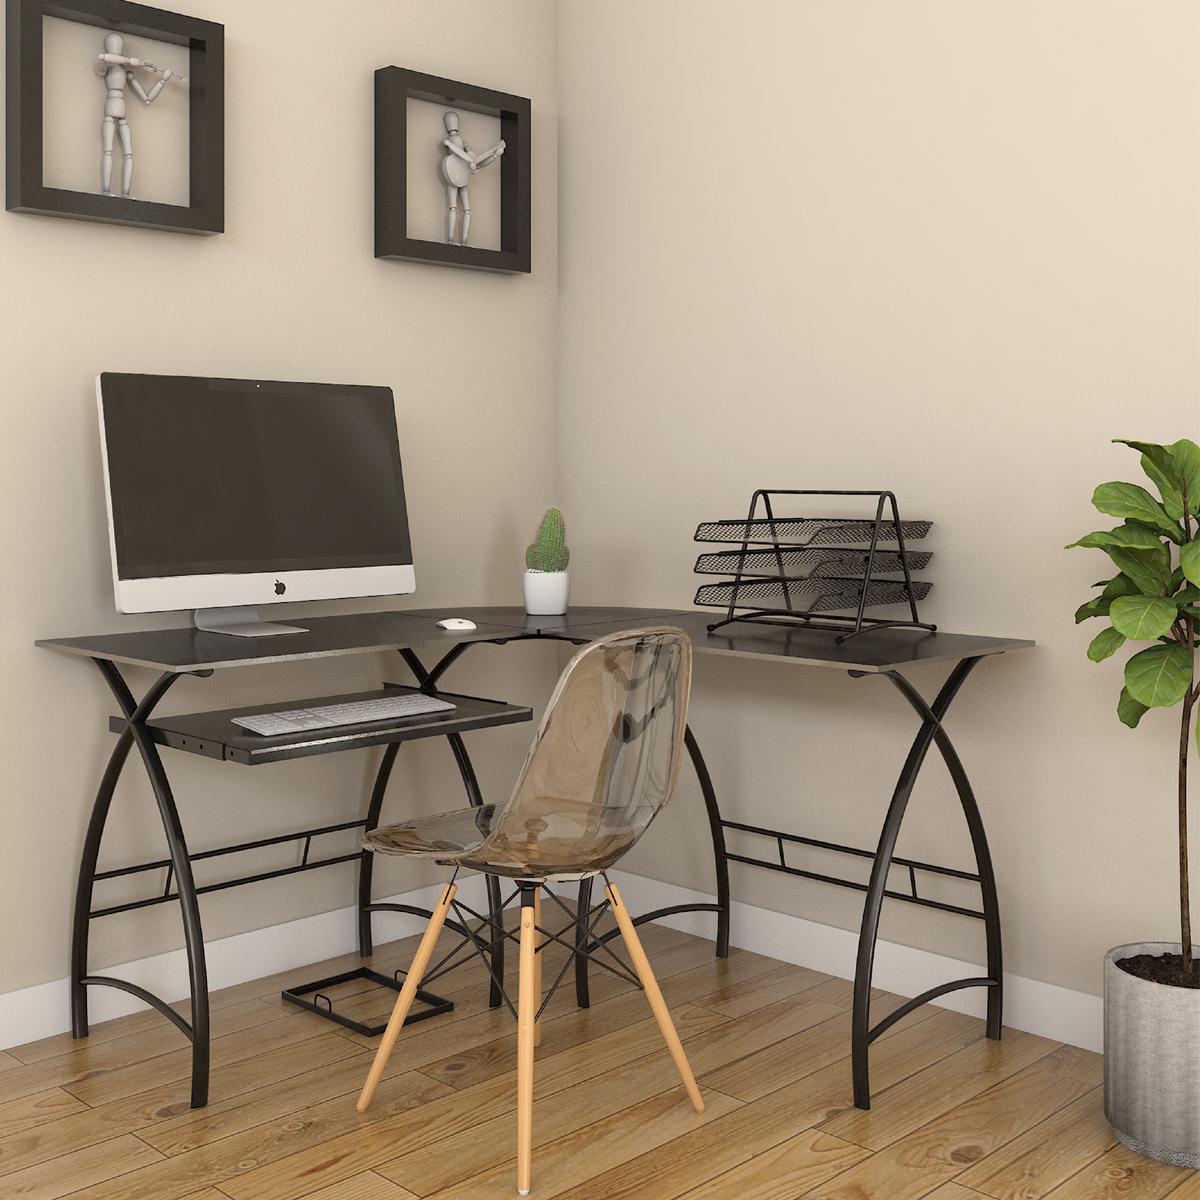 oak p quincy l ameriwood the home desks computer desk black shaped